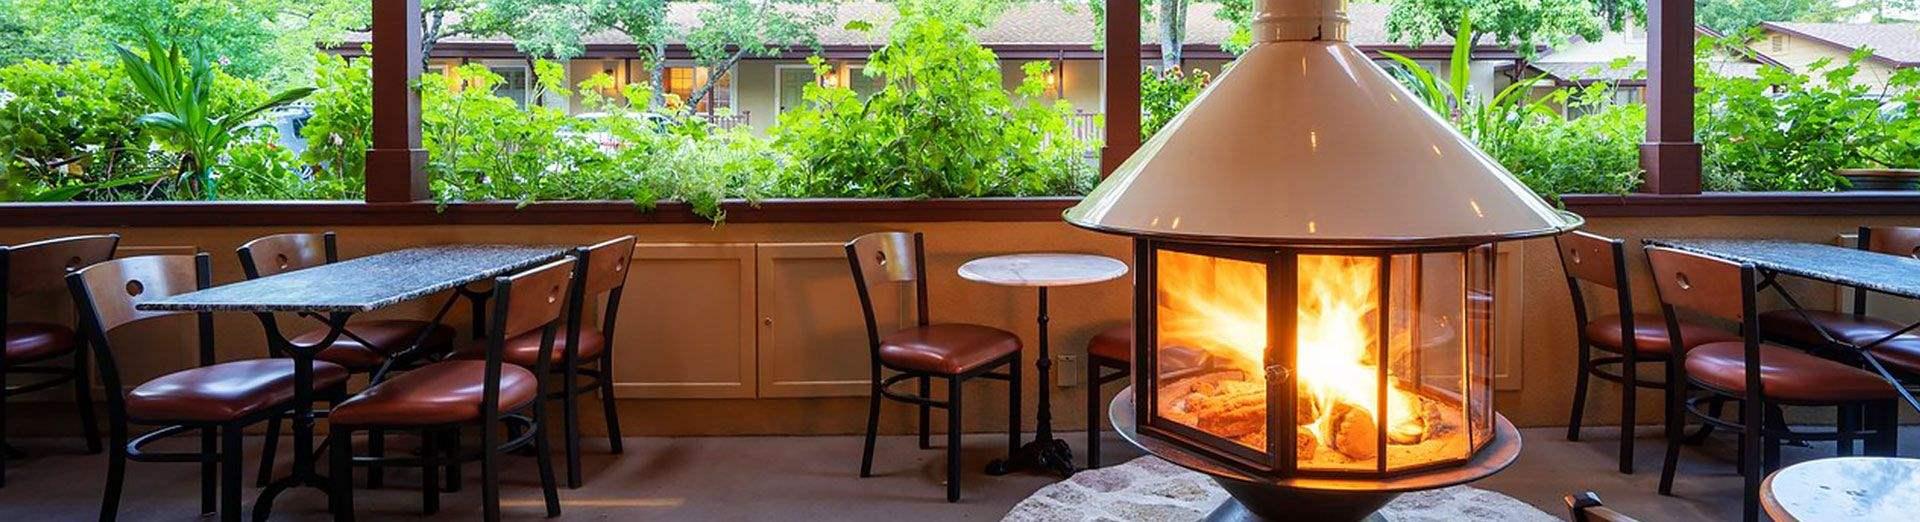 The Inn on Pine, Calistoga, California